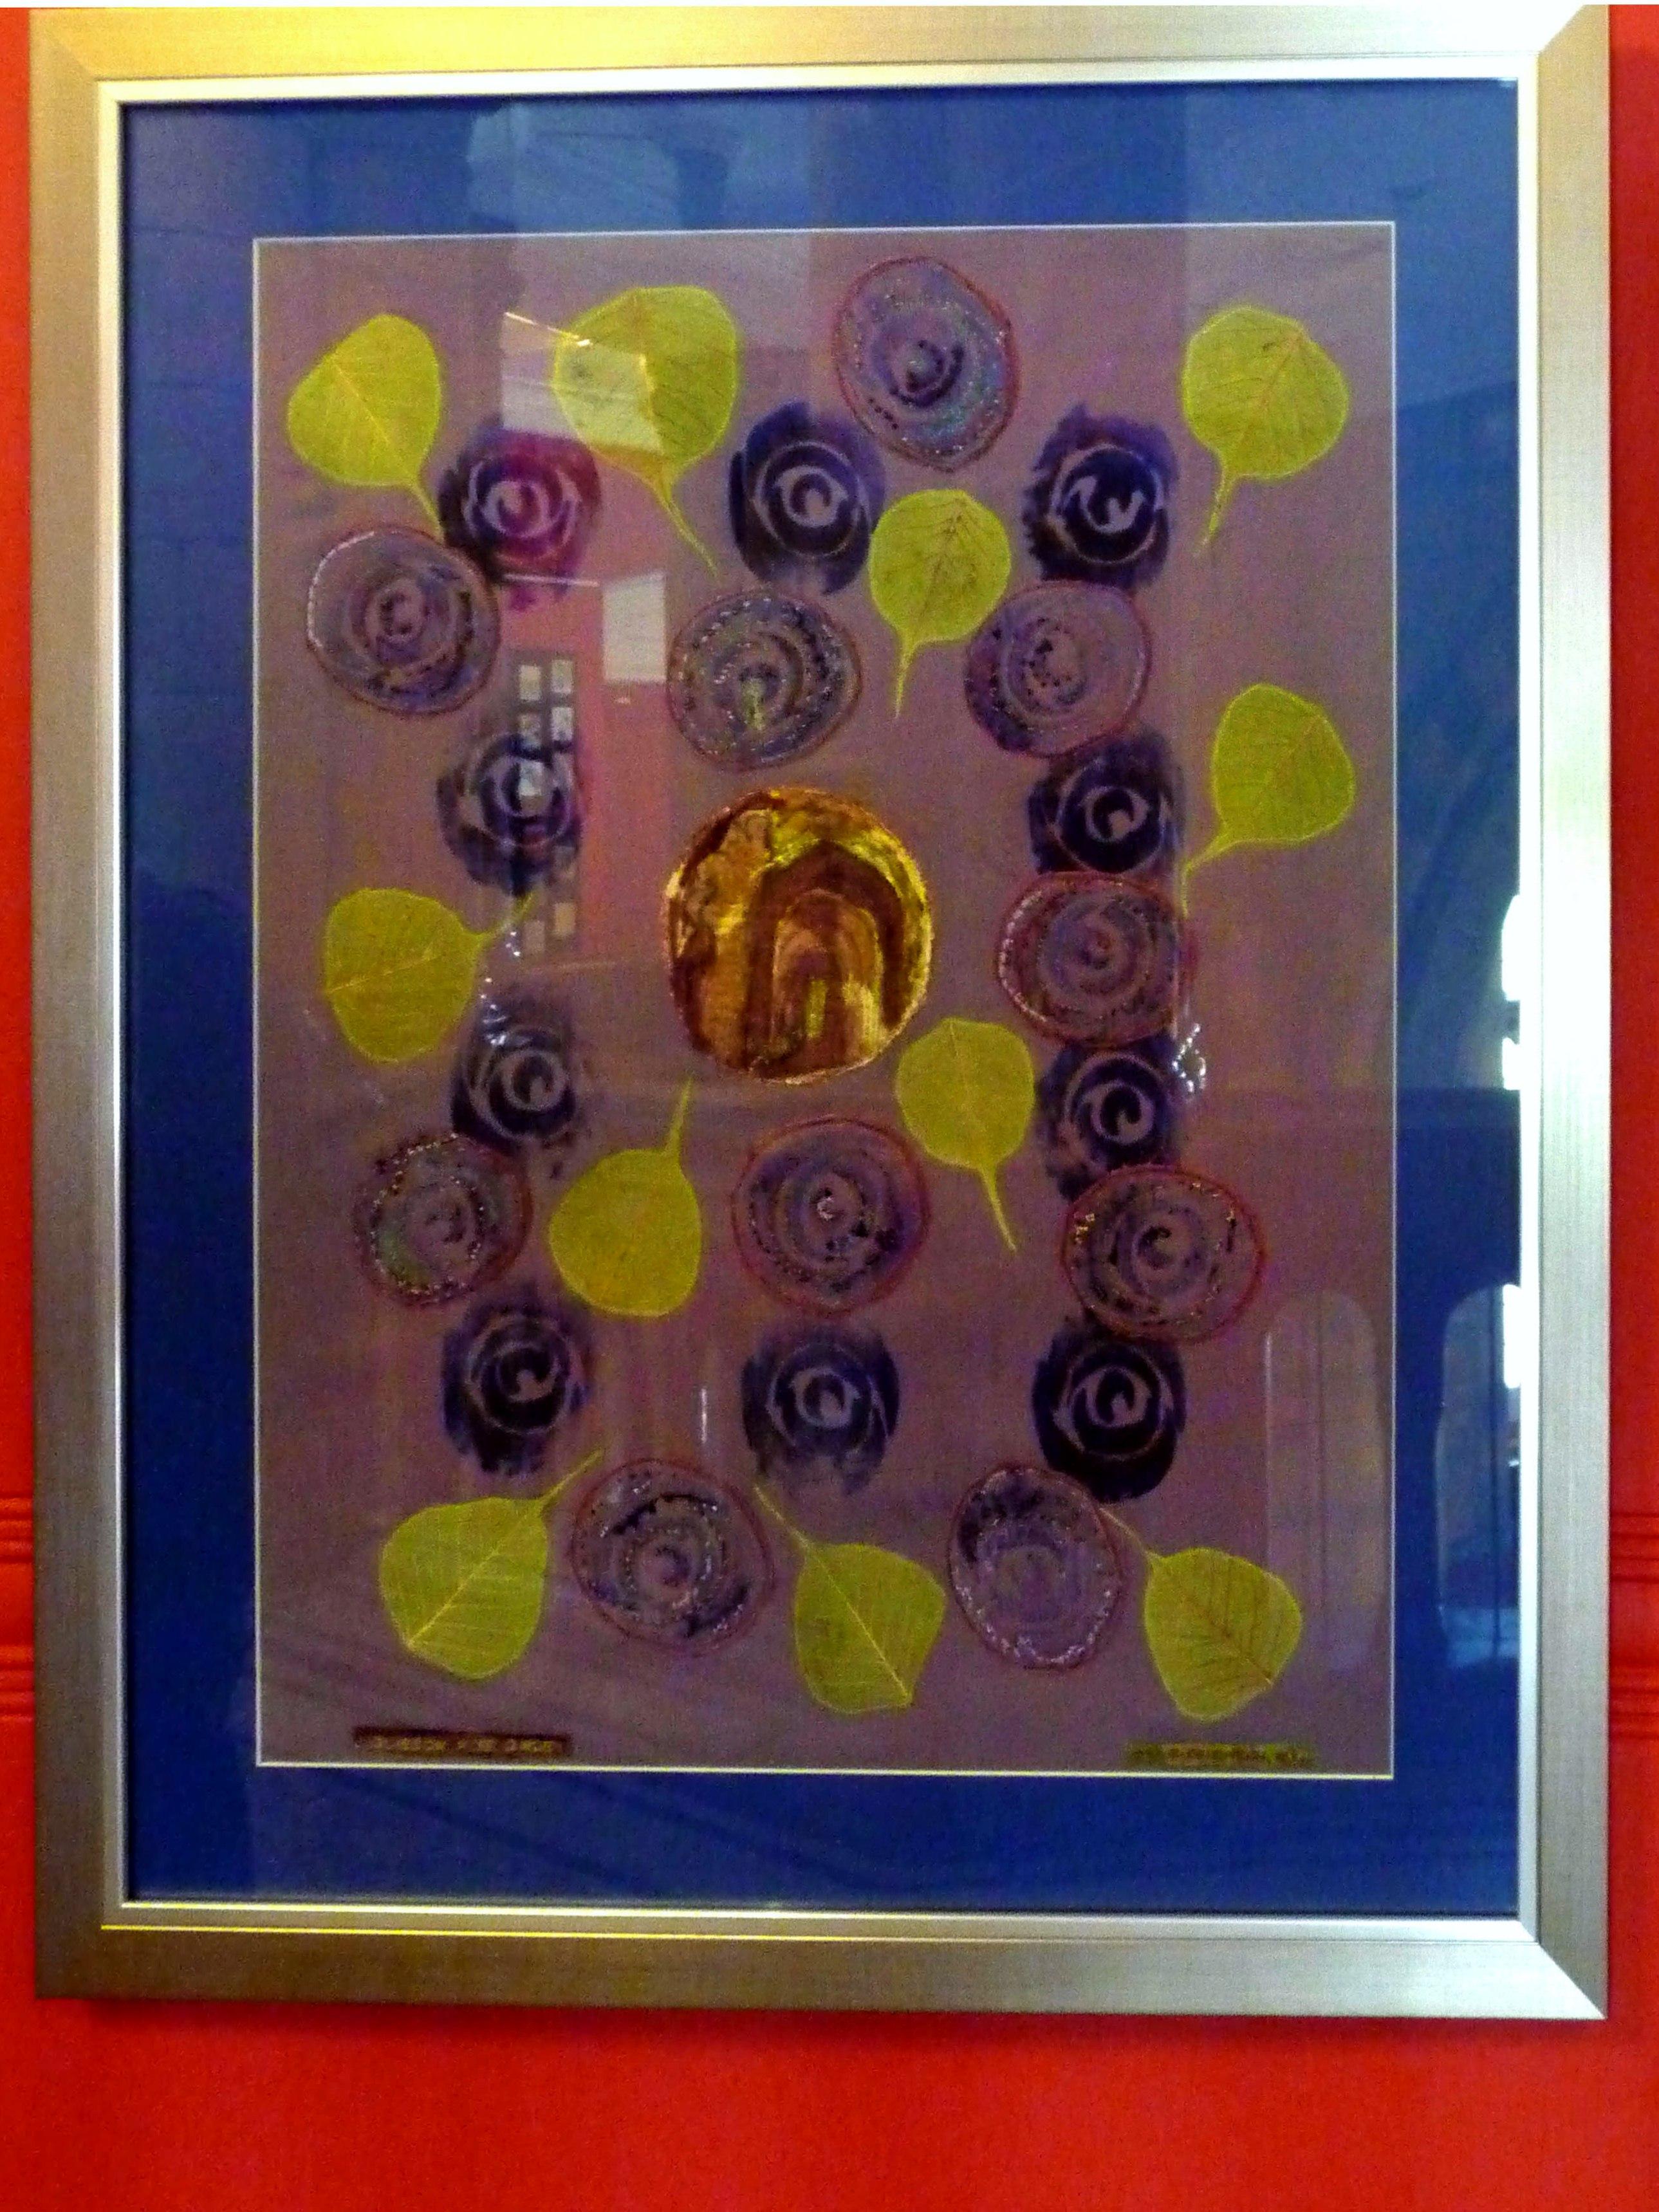 GLSGOW ROSE GARDEN, 2014, by Margaret Crichton, hand & machine embroidery